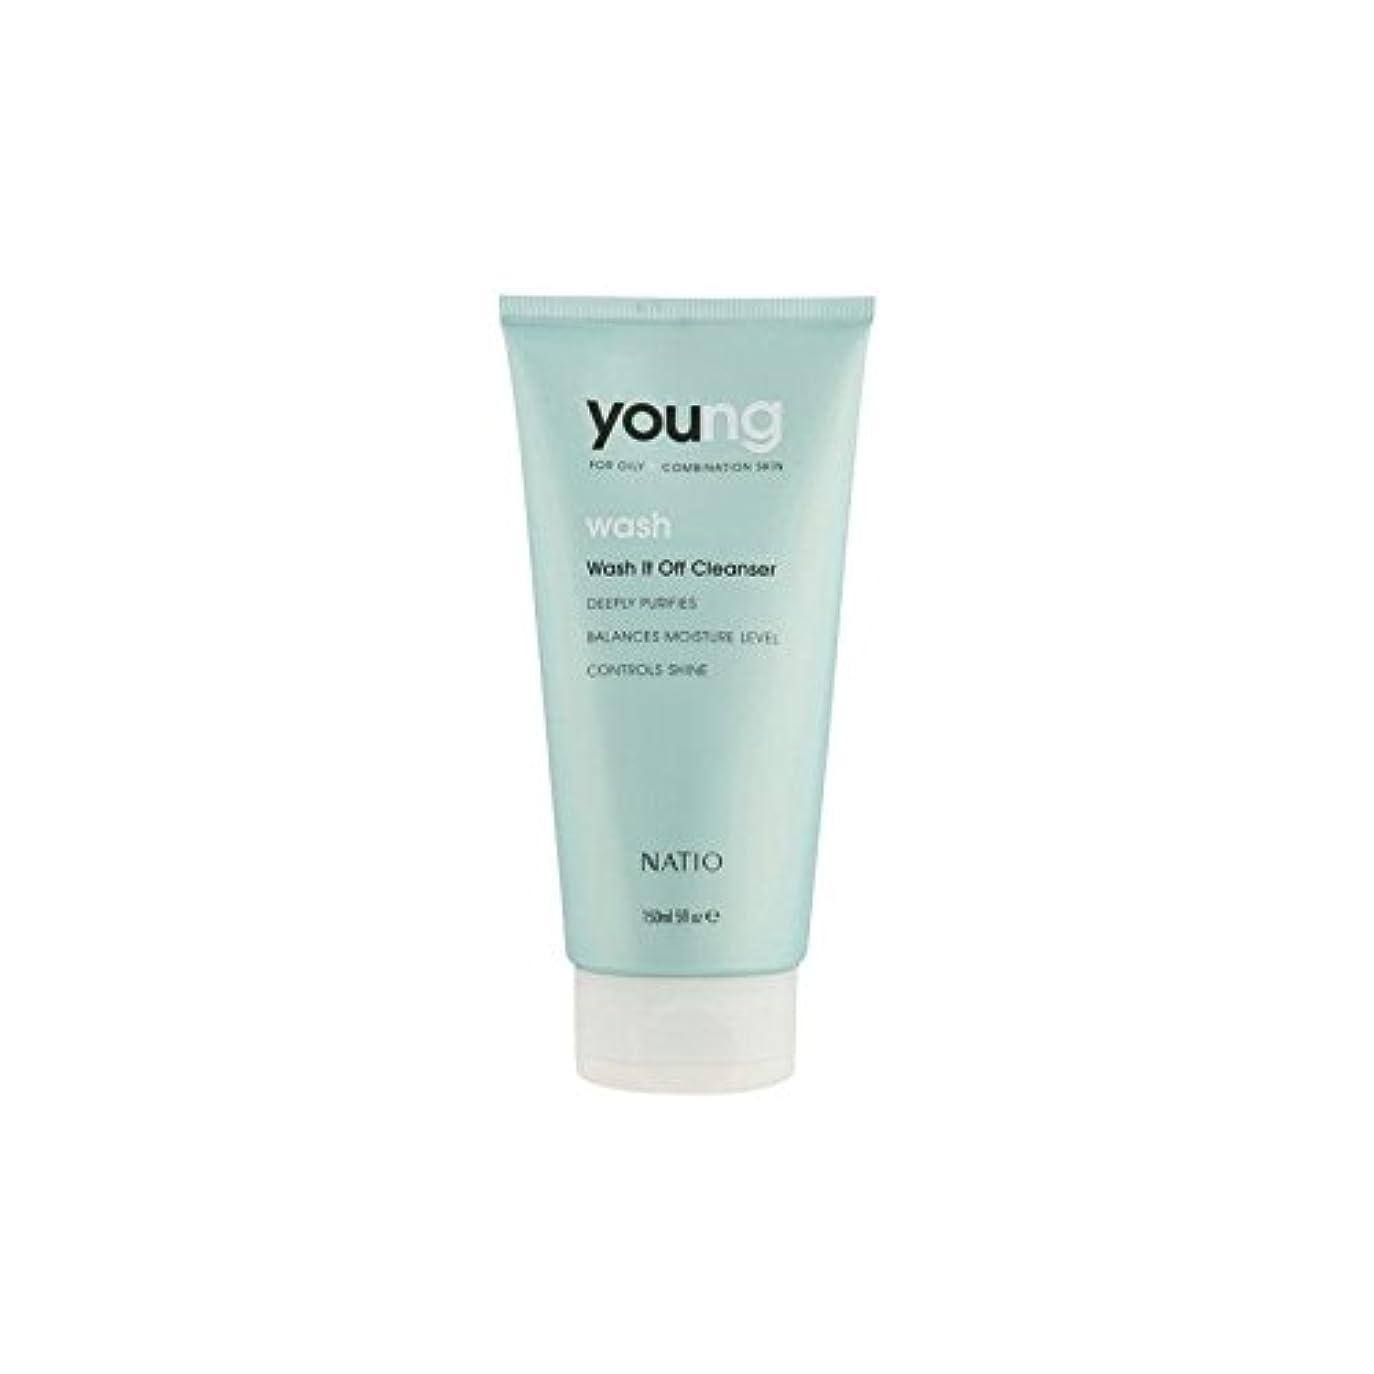 バルク回転驚かすNatio Young Wash It Off Cleanser (150ml) (Pack of 6) - 若いウォッシュそれオフクレンザー(150ミリリットル) x6 [並行輸入品]